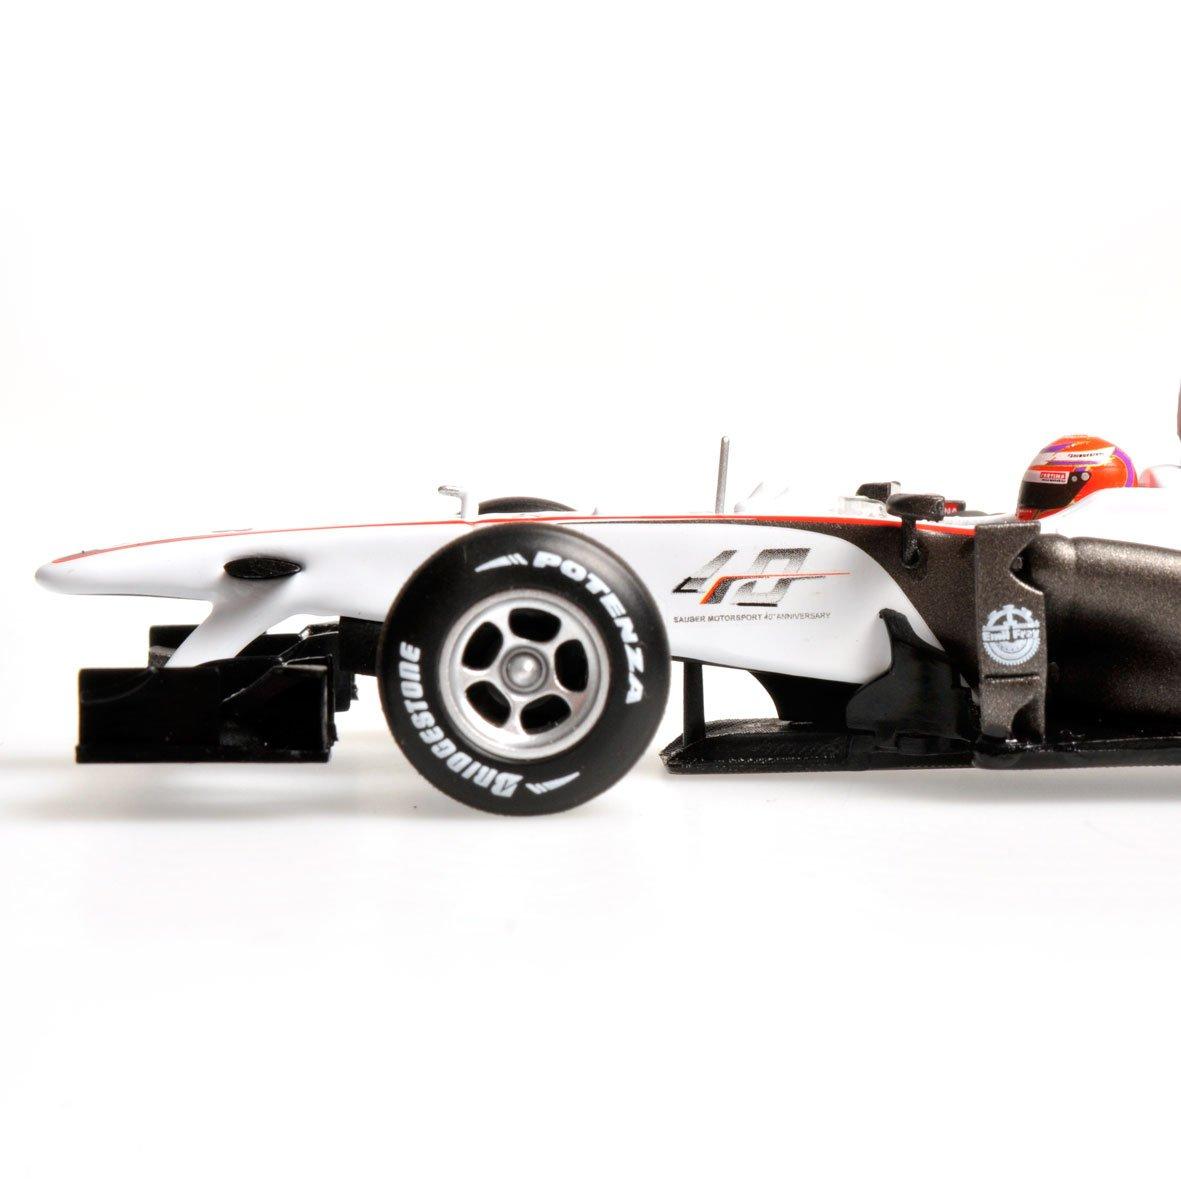 SAUBER C29 KOBAYASHI GERMAN GP 2010 MINICHAMPS 40 YEARS